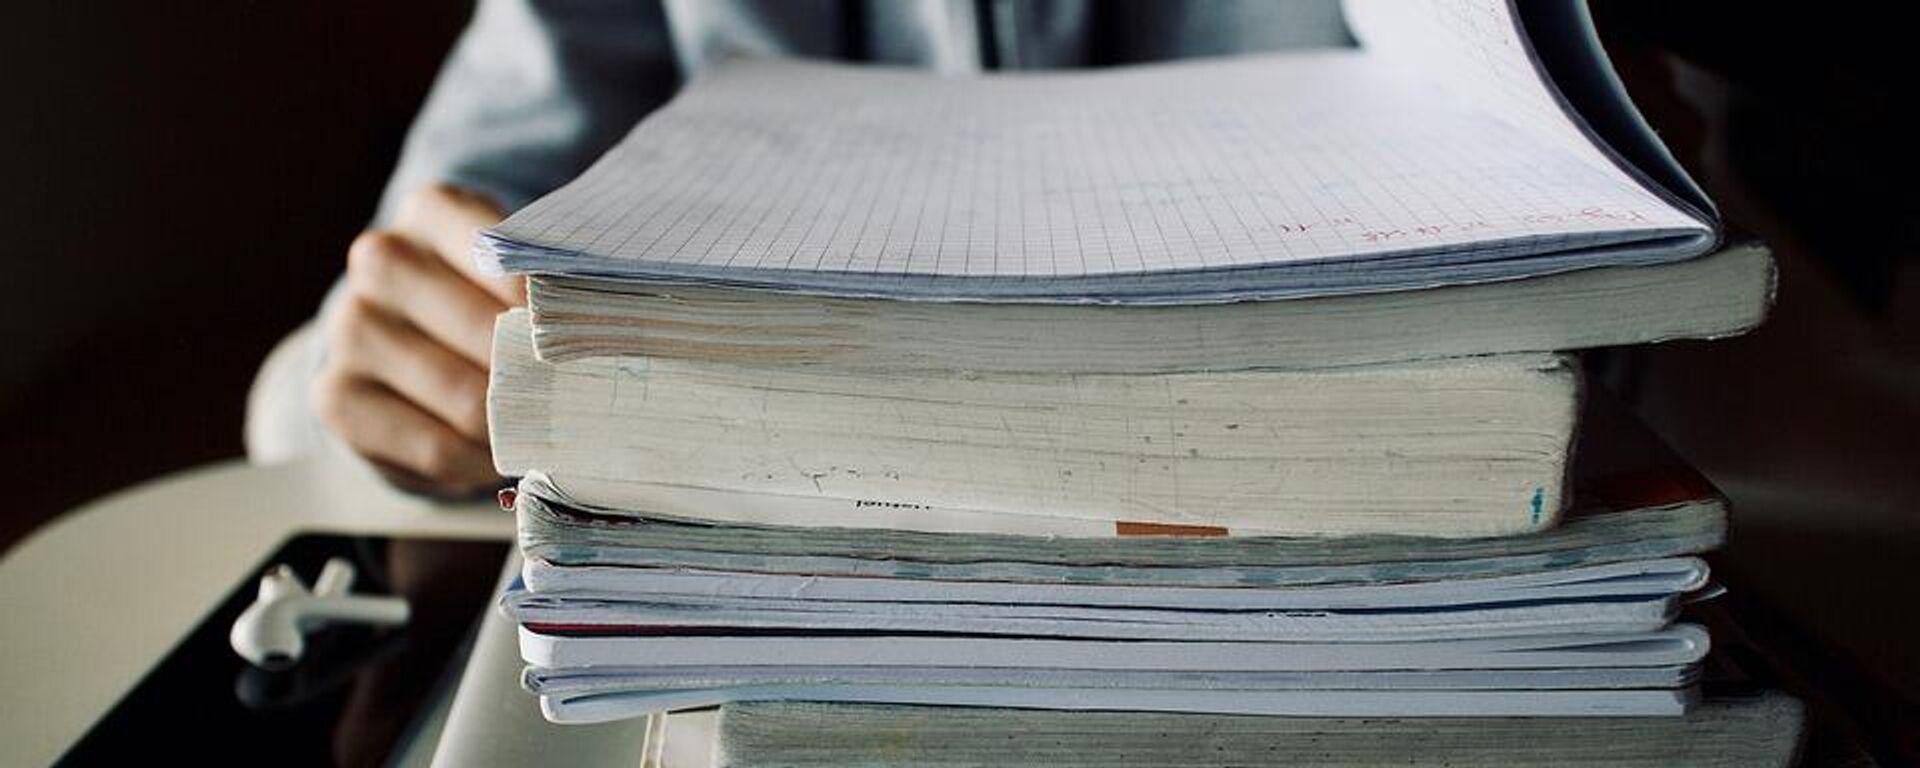 Σχολικά βιβλία - Sputnik Ελλάδα, 1920, 13.09.2021